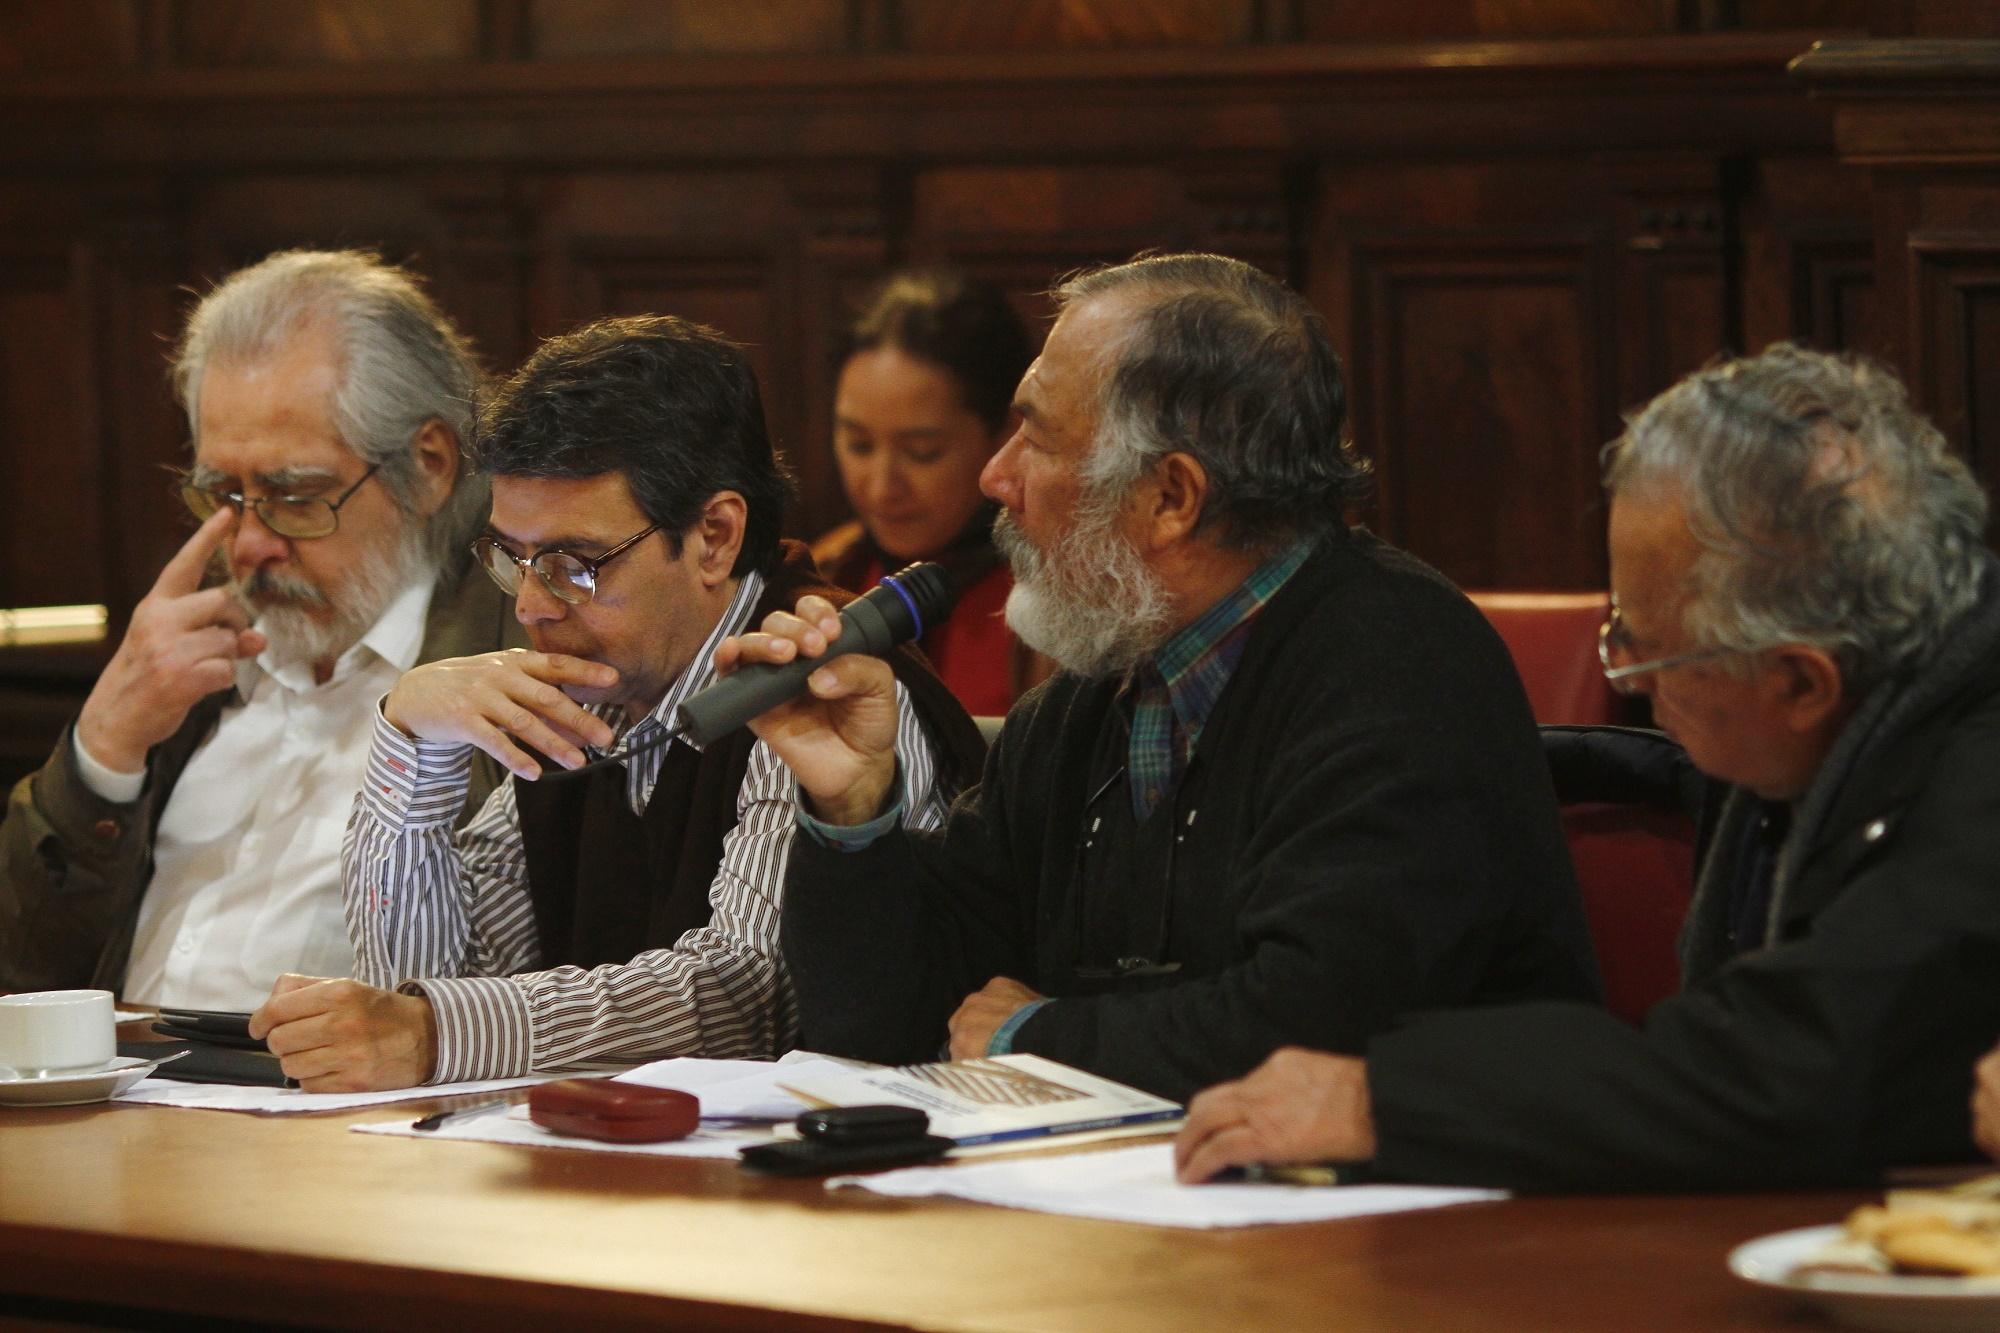 Se realizó Primer Foro de Diplomacia Ciudadana: La sociedad chilena frente a la agenda internacional